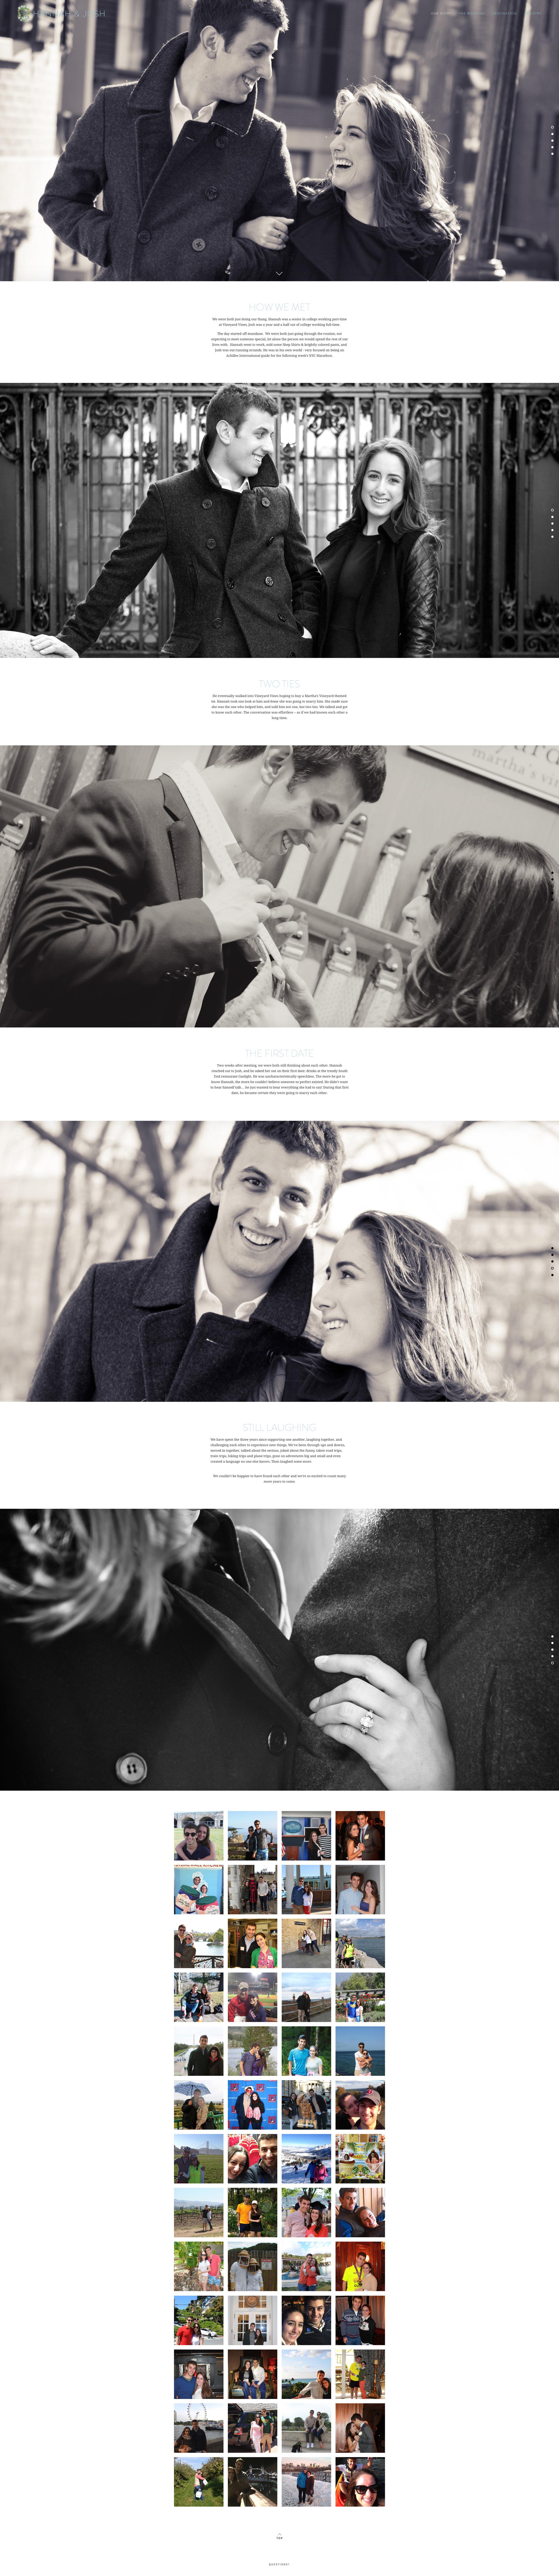 hj_couple.jpg